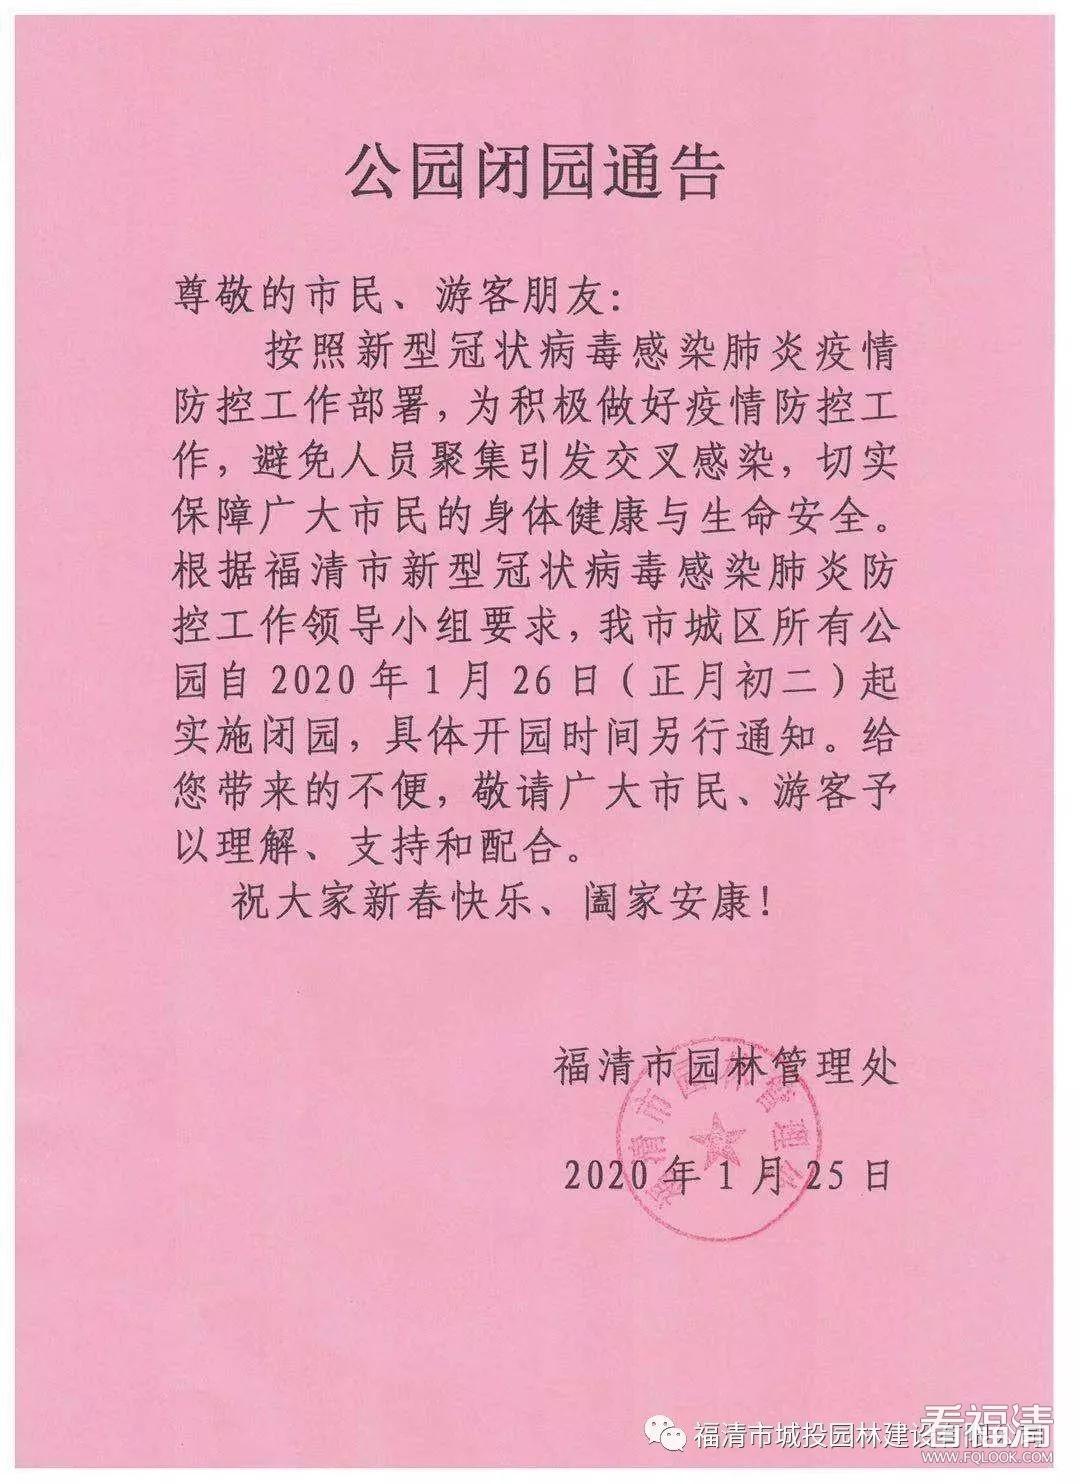 福清城区公园闭园消毒,开放时间另行通知